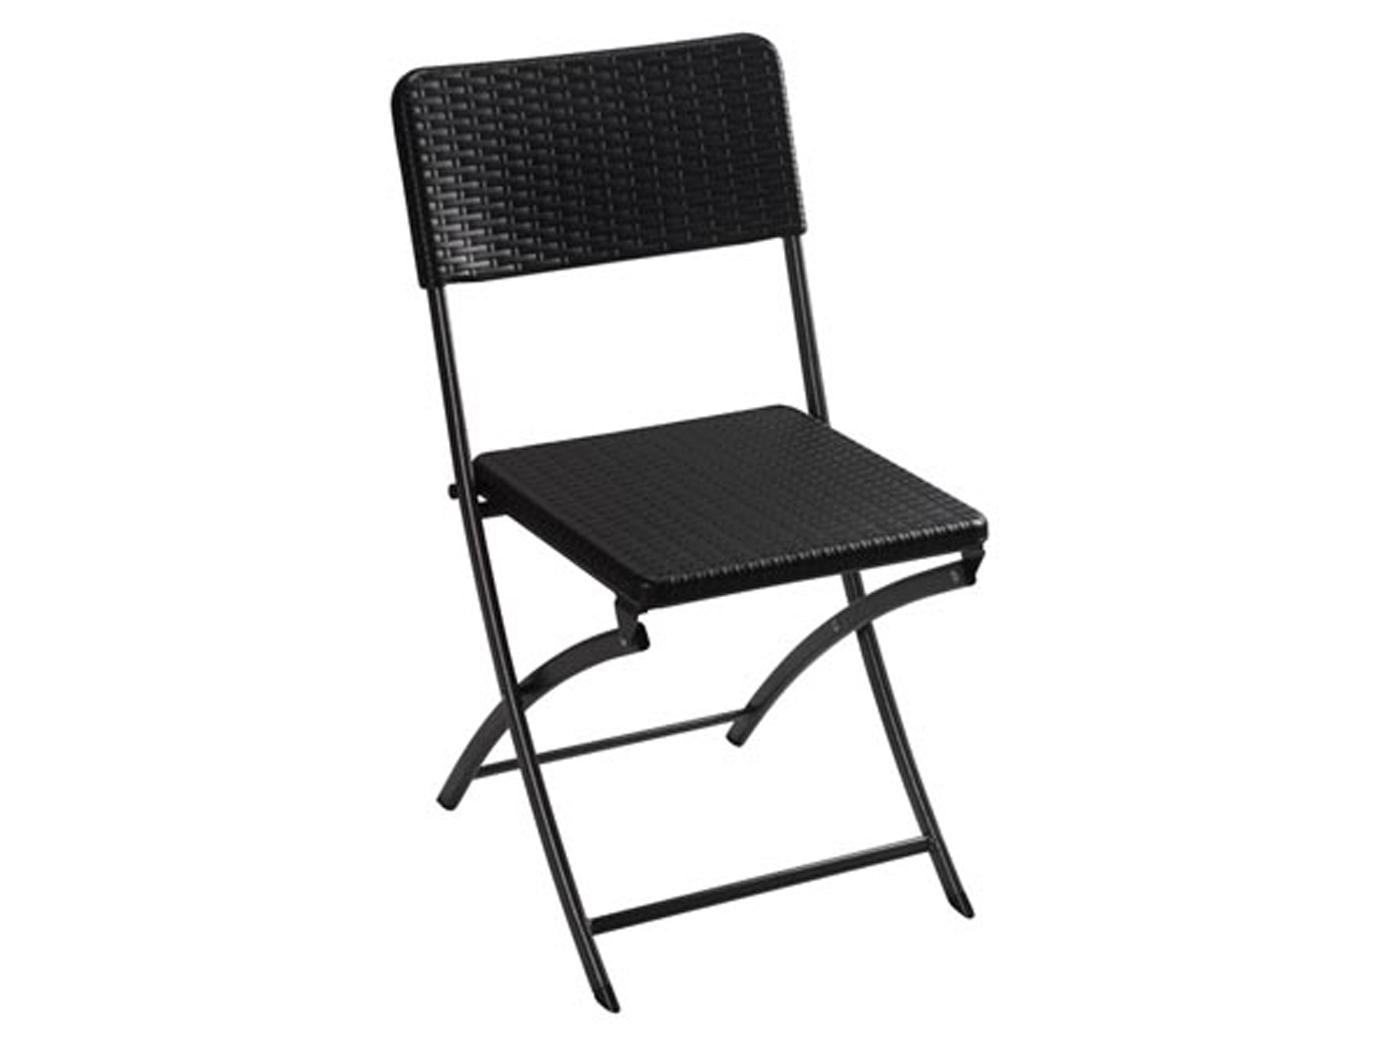 Wetterfeste Sitzgarnitur Kunststoff & Stahl Klapp Klapp Klapp Tisch rund & Stühle Garten b54e32